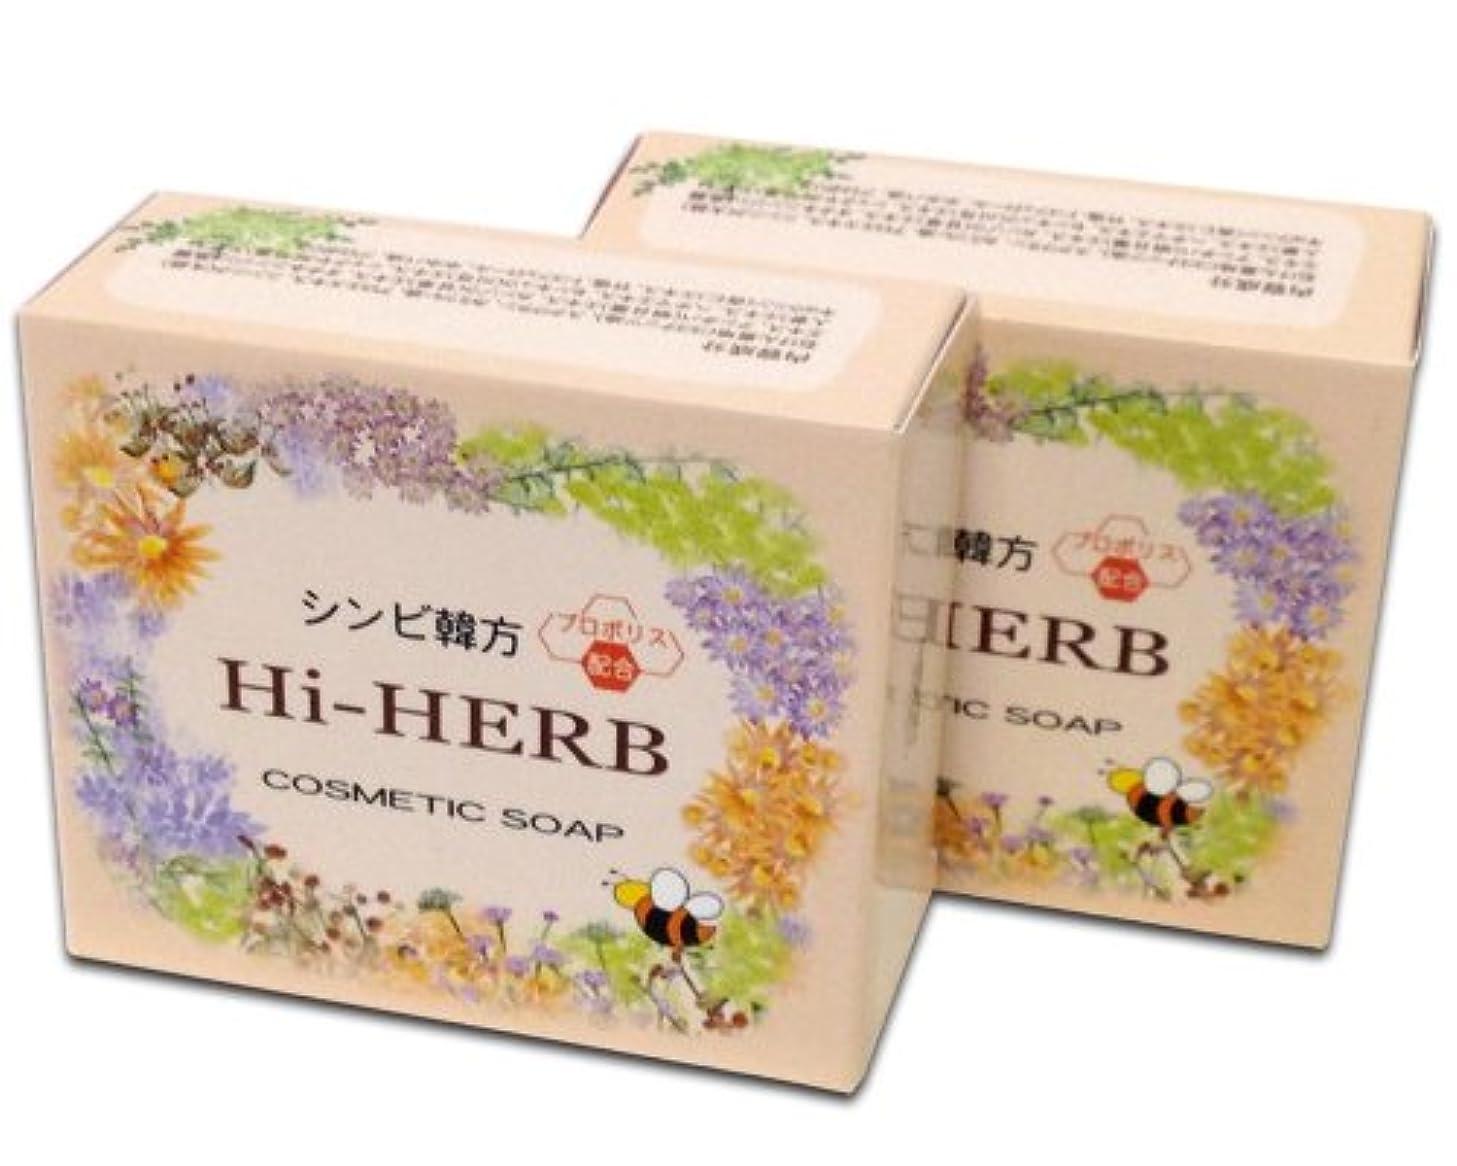 威信割り込み人形シンビ韓方ハイハーブ石鹸 (2個セット)